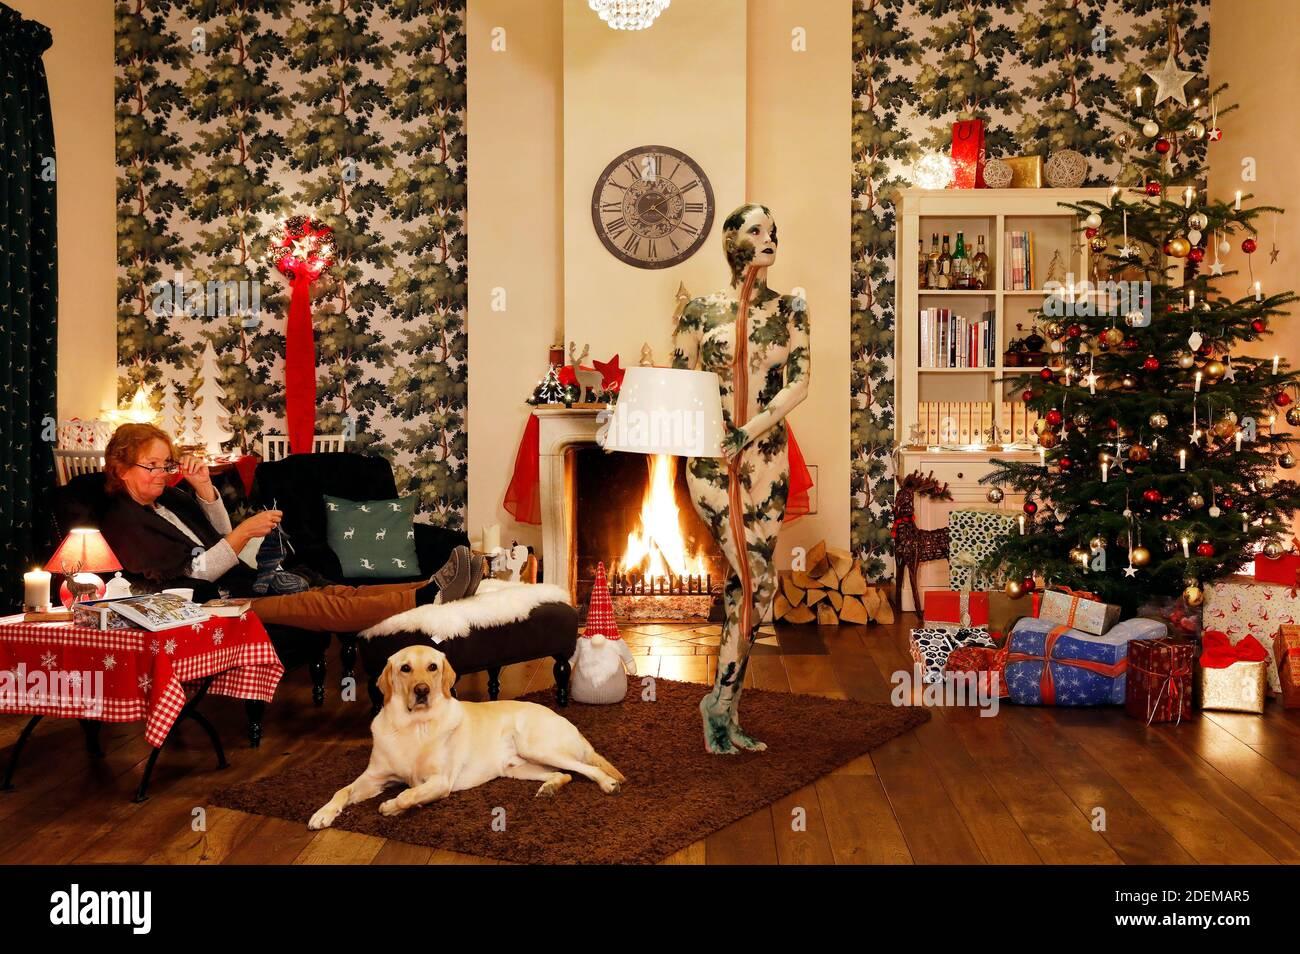 """Peinture de Noël avec la grand-mère Sabine S., chien Louis, modèle Marilena comme une lampe de plancher qui laisse l'ensemble et modèle Darky comme un cadeau au restaurant Château Hehlen. Travail sur le clip de Noël """"le Noël de l'artiste - UN Bodypainting clip vidéo de l'atelier Düsterwald"""" par Jörg Düsterwald et Alexander grosse-Strangmann. Hehlen le 28 novembre 2020 Banque D'Images"""